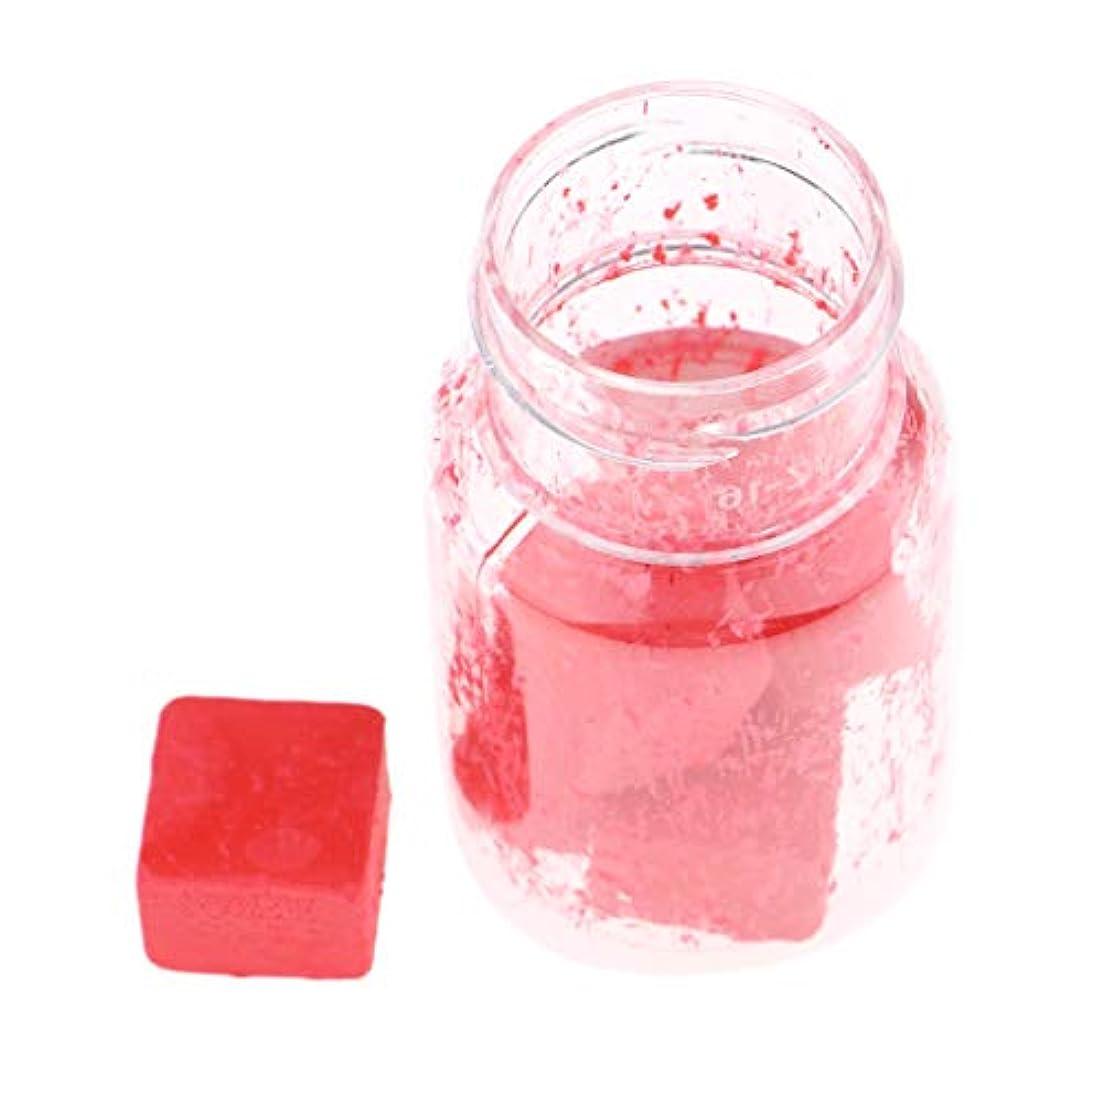 不潔形状欠如CUTICATE 口紅の原料 リップスティック顔料 DIYリップライナー DIY工芸品 9色選択でき - I